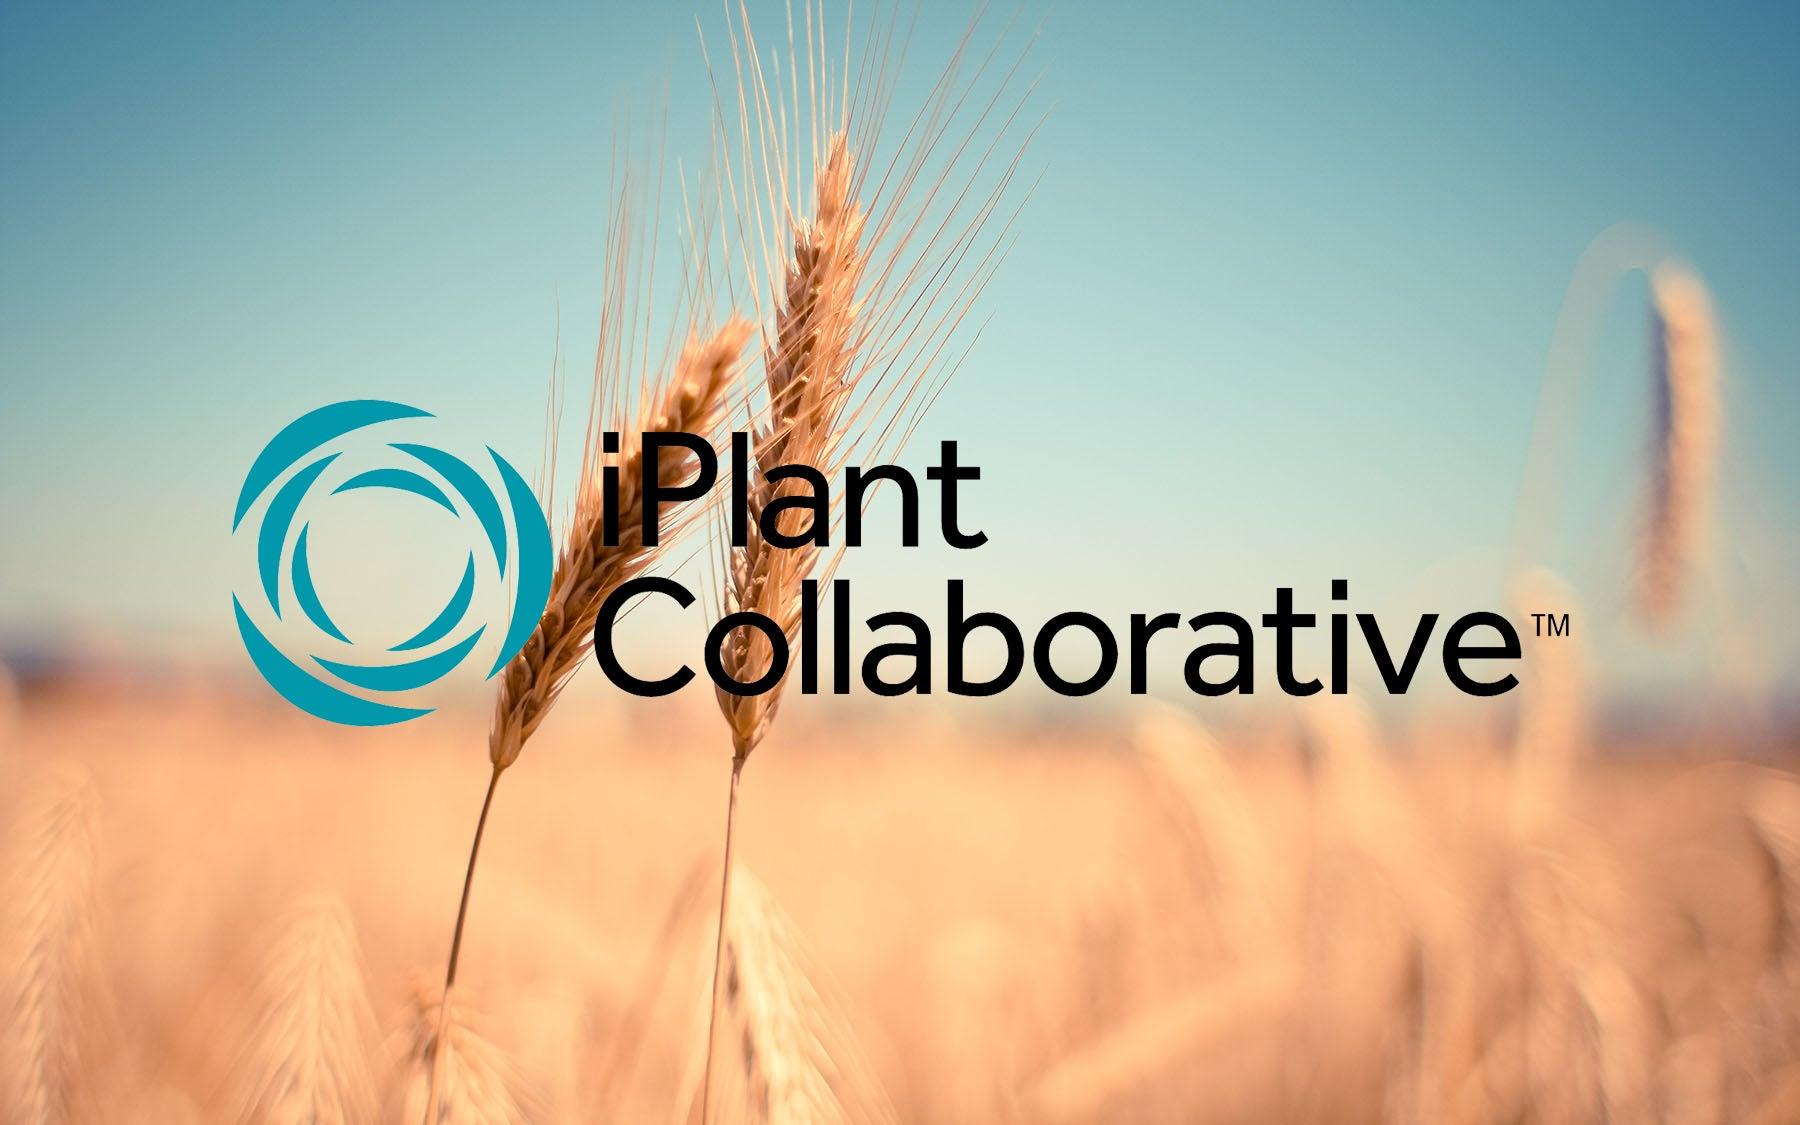 iPlant Collaborative